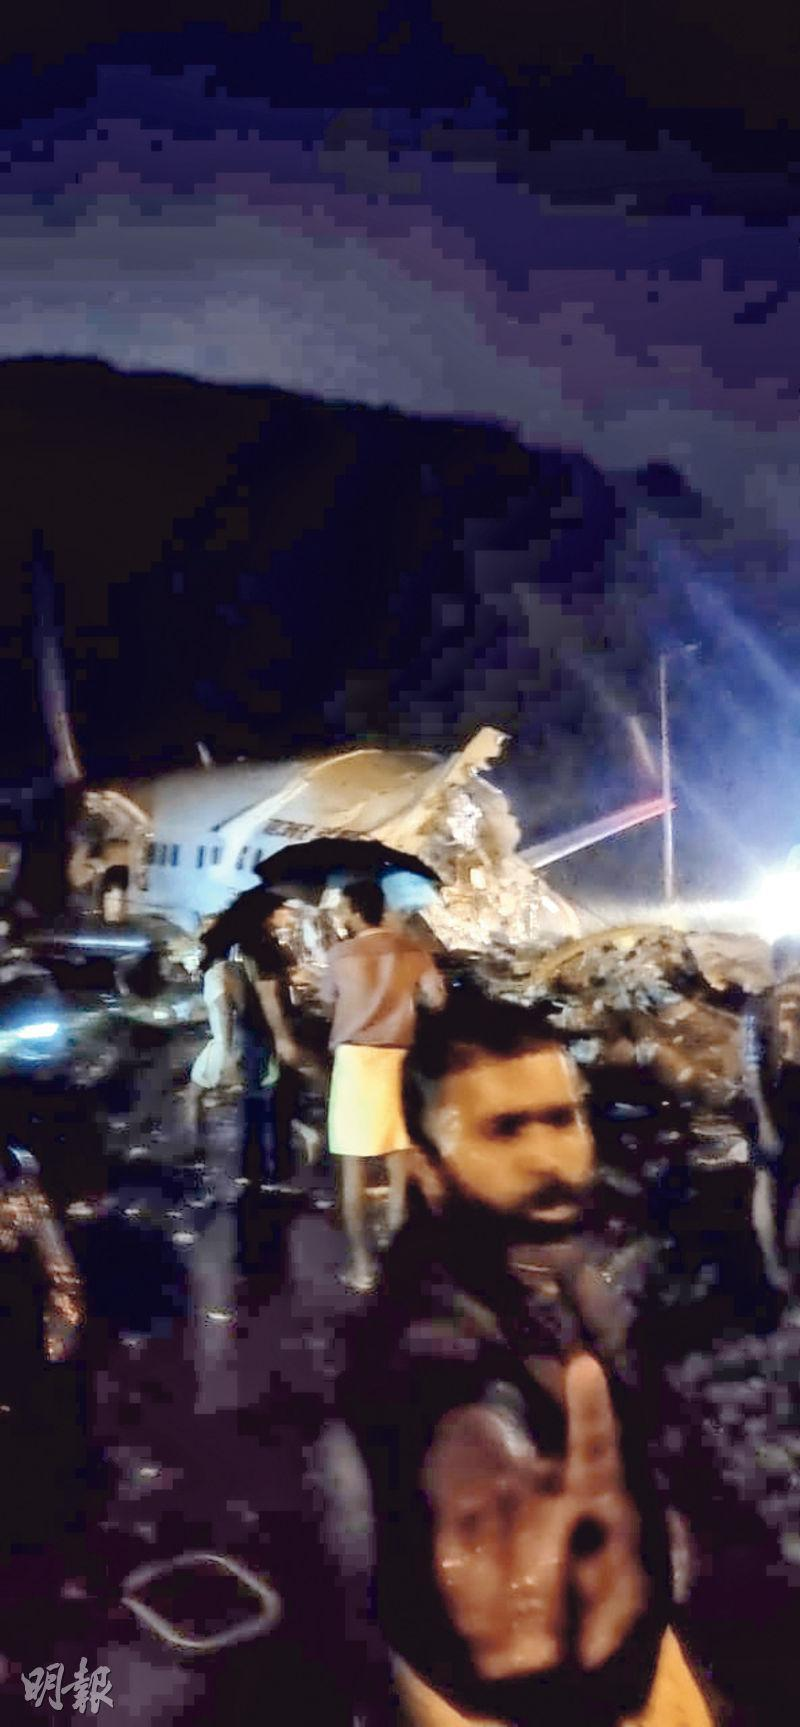 印度電視台畫面顯示客機斷開兩截,人們試圖拯救機上乘客。(網上圖片)